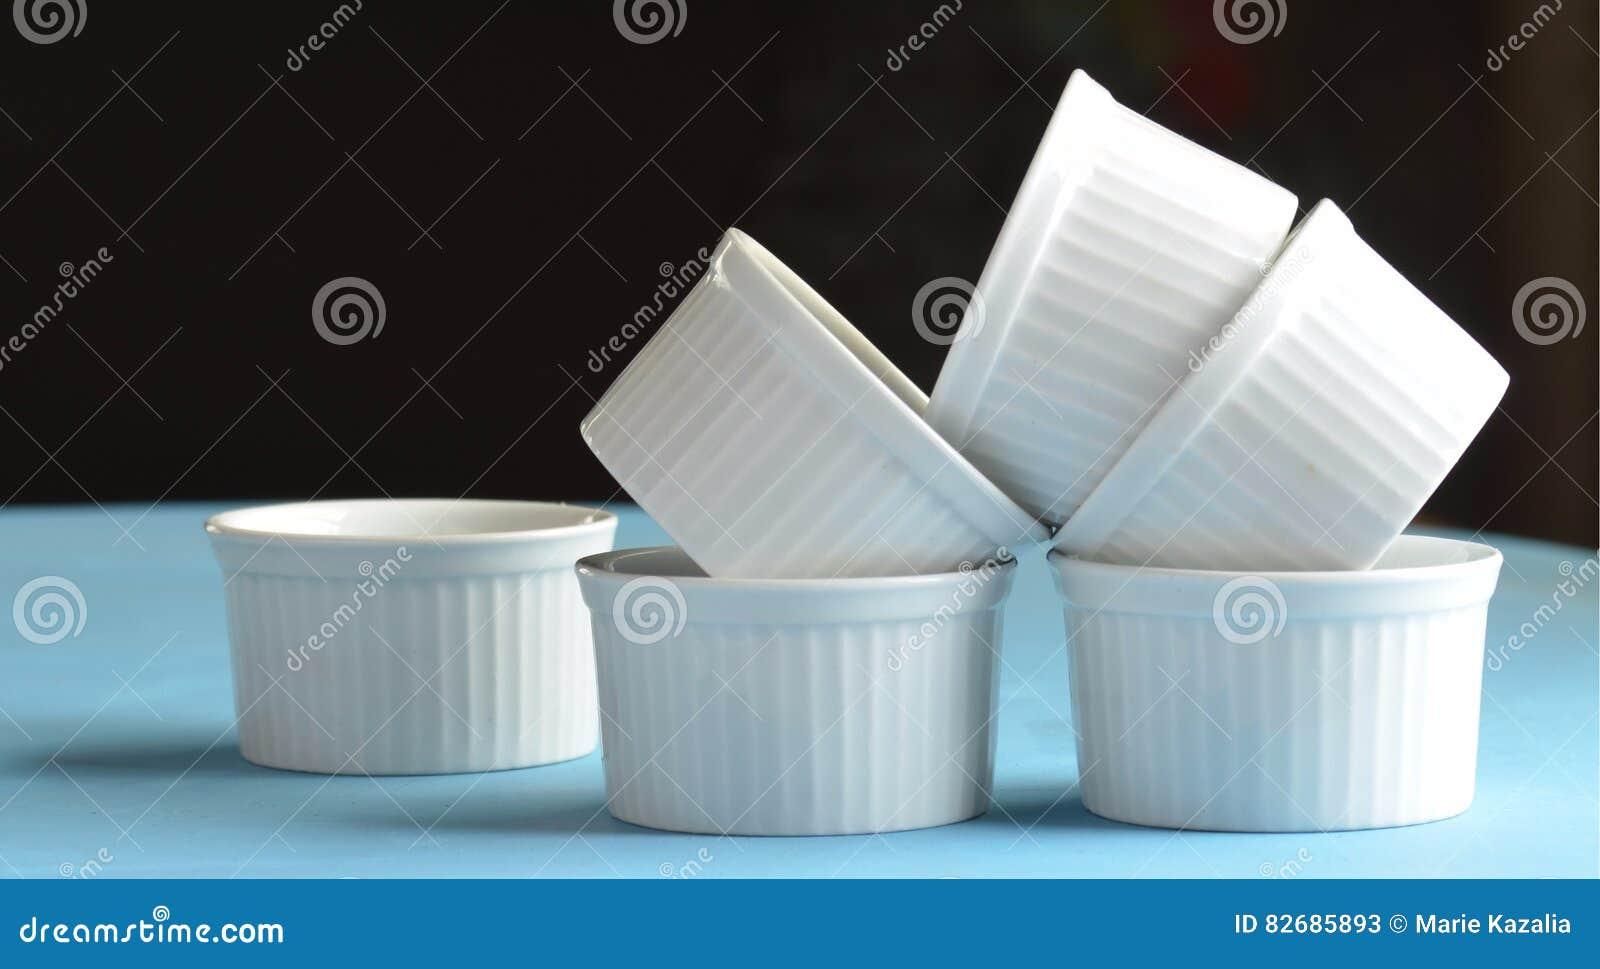 Άσπρα πιάτα ψησίματος πορσελάνης ramekin μίνι